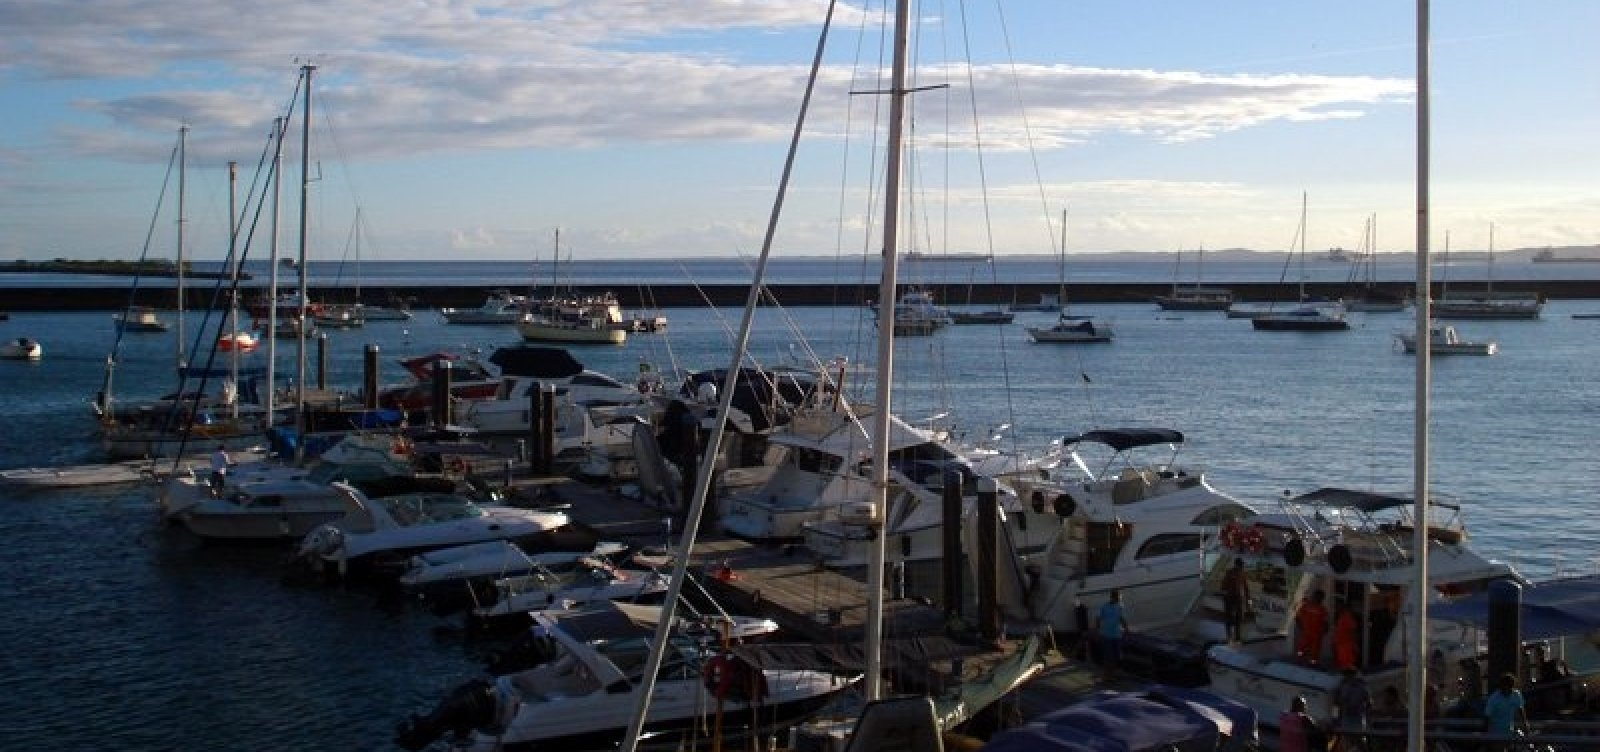 Maré baixa cancela último horário da travessia Salvador-Mar Grande nesta segunda